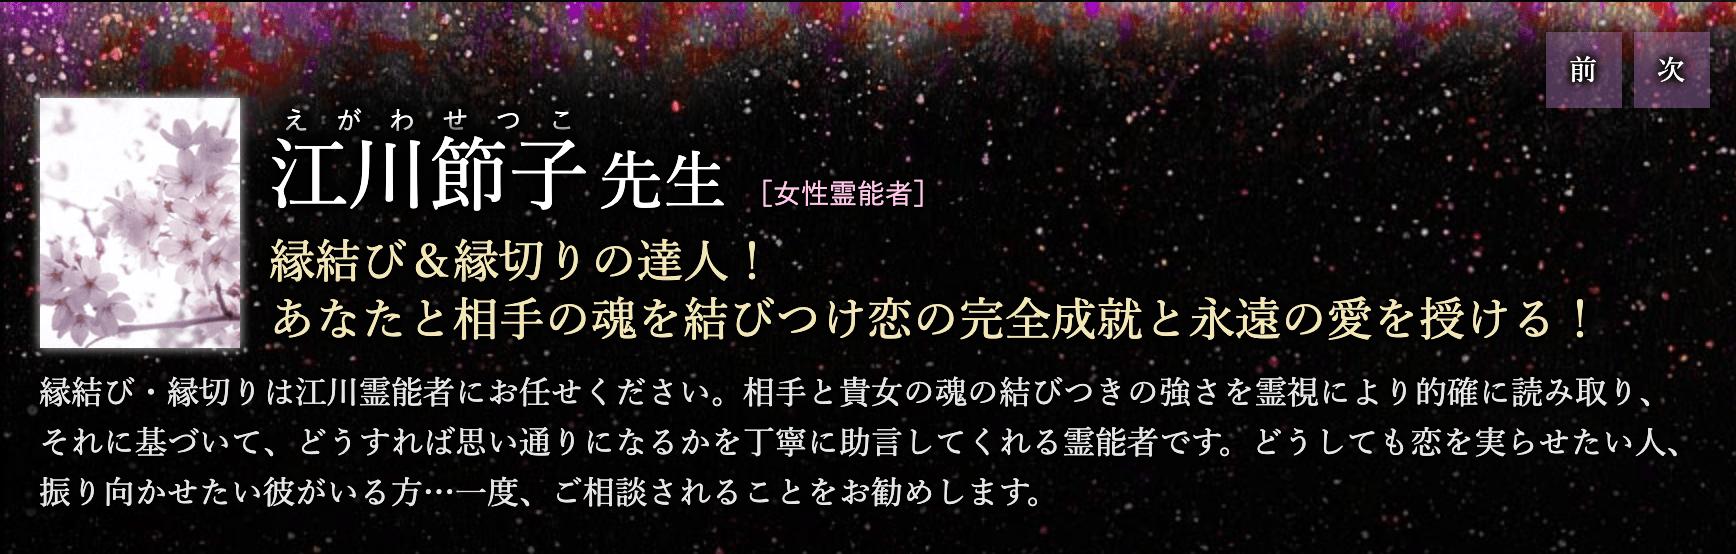 電話占い天啓に在籍している江川節子先生のキャプチャ